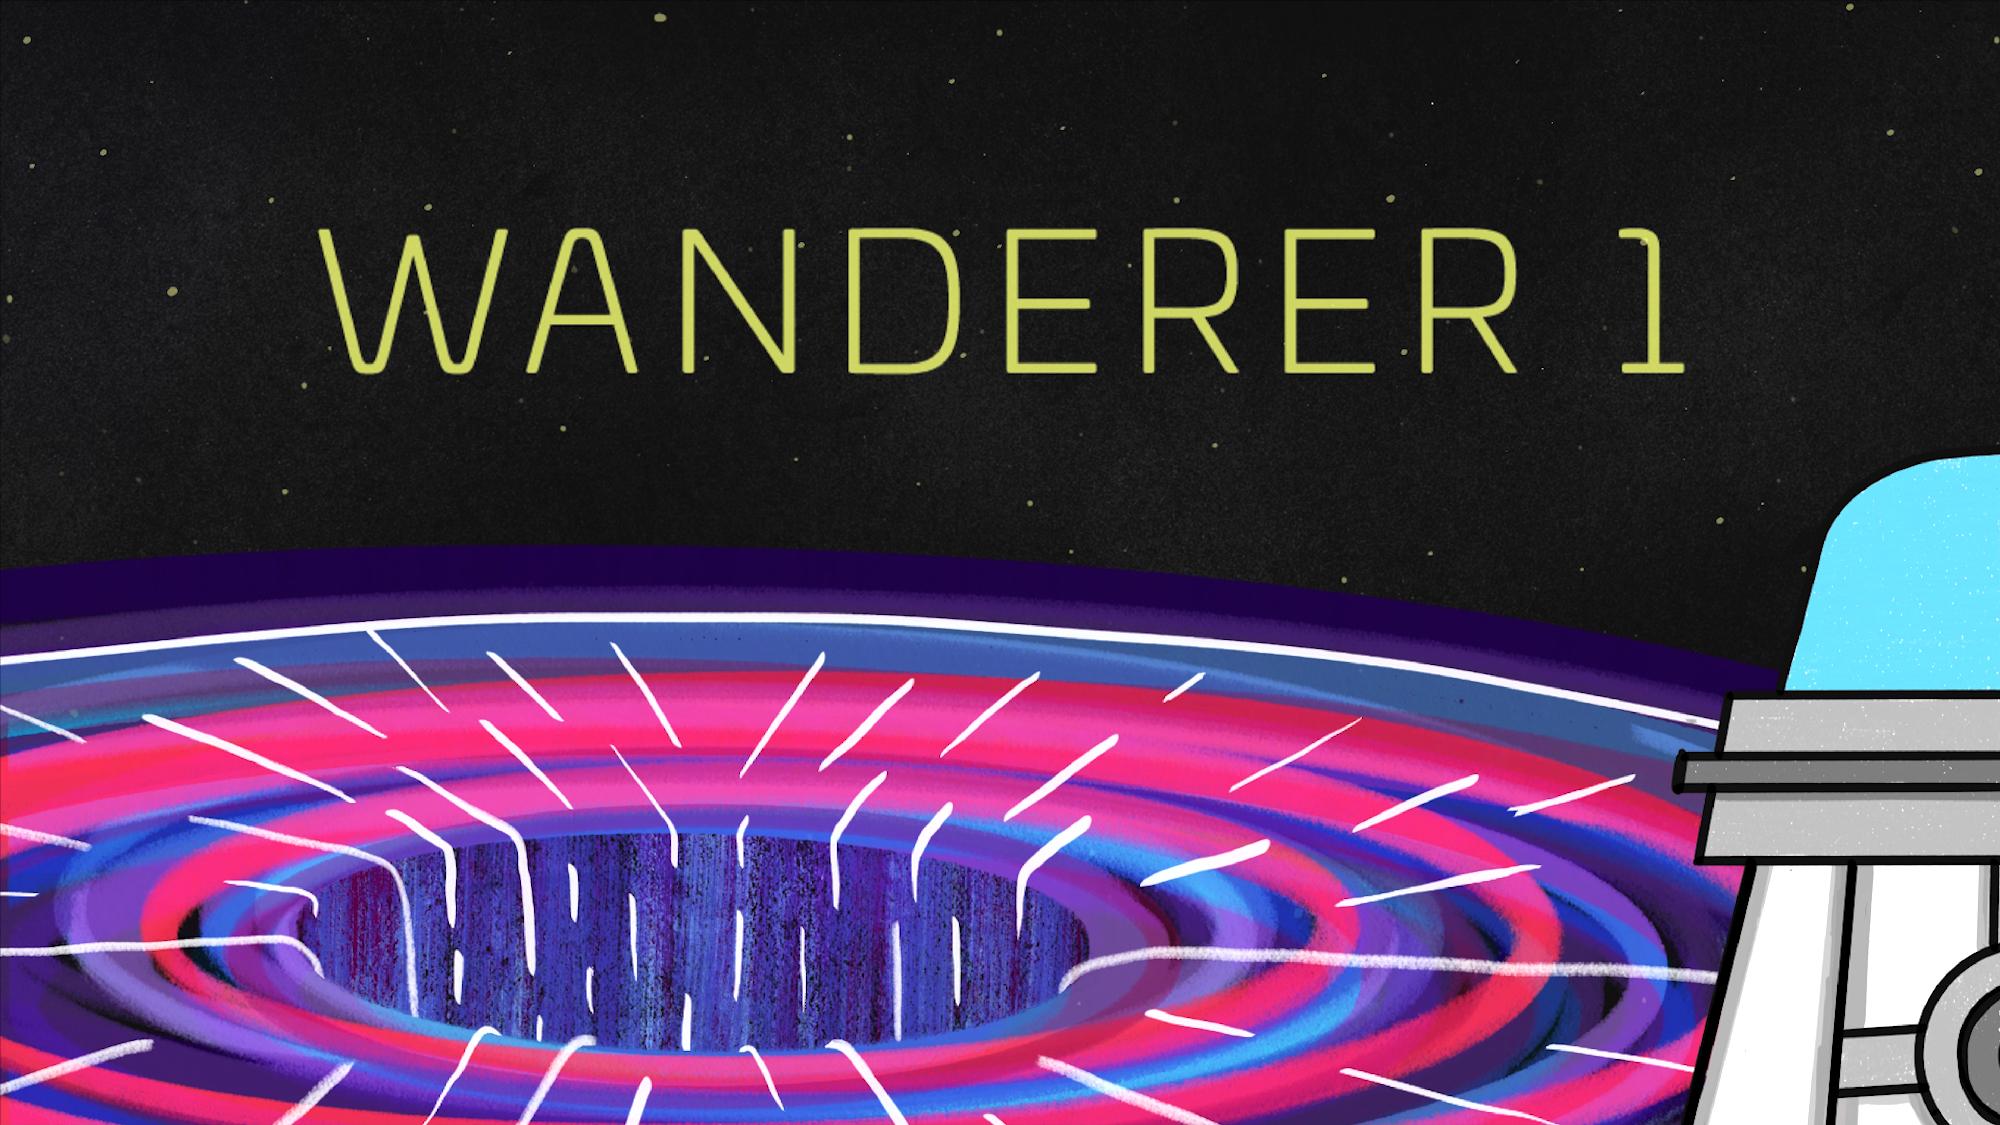 WANDERER01_CARD.jpg